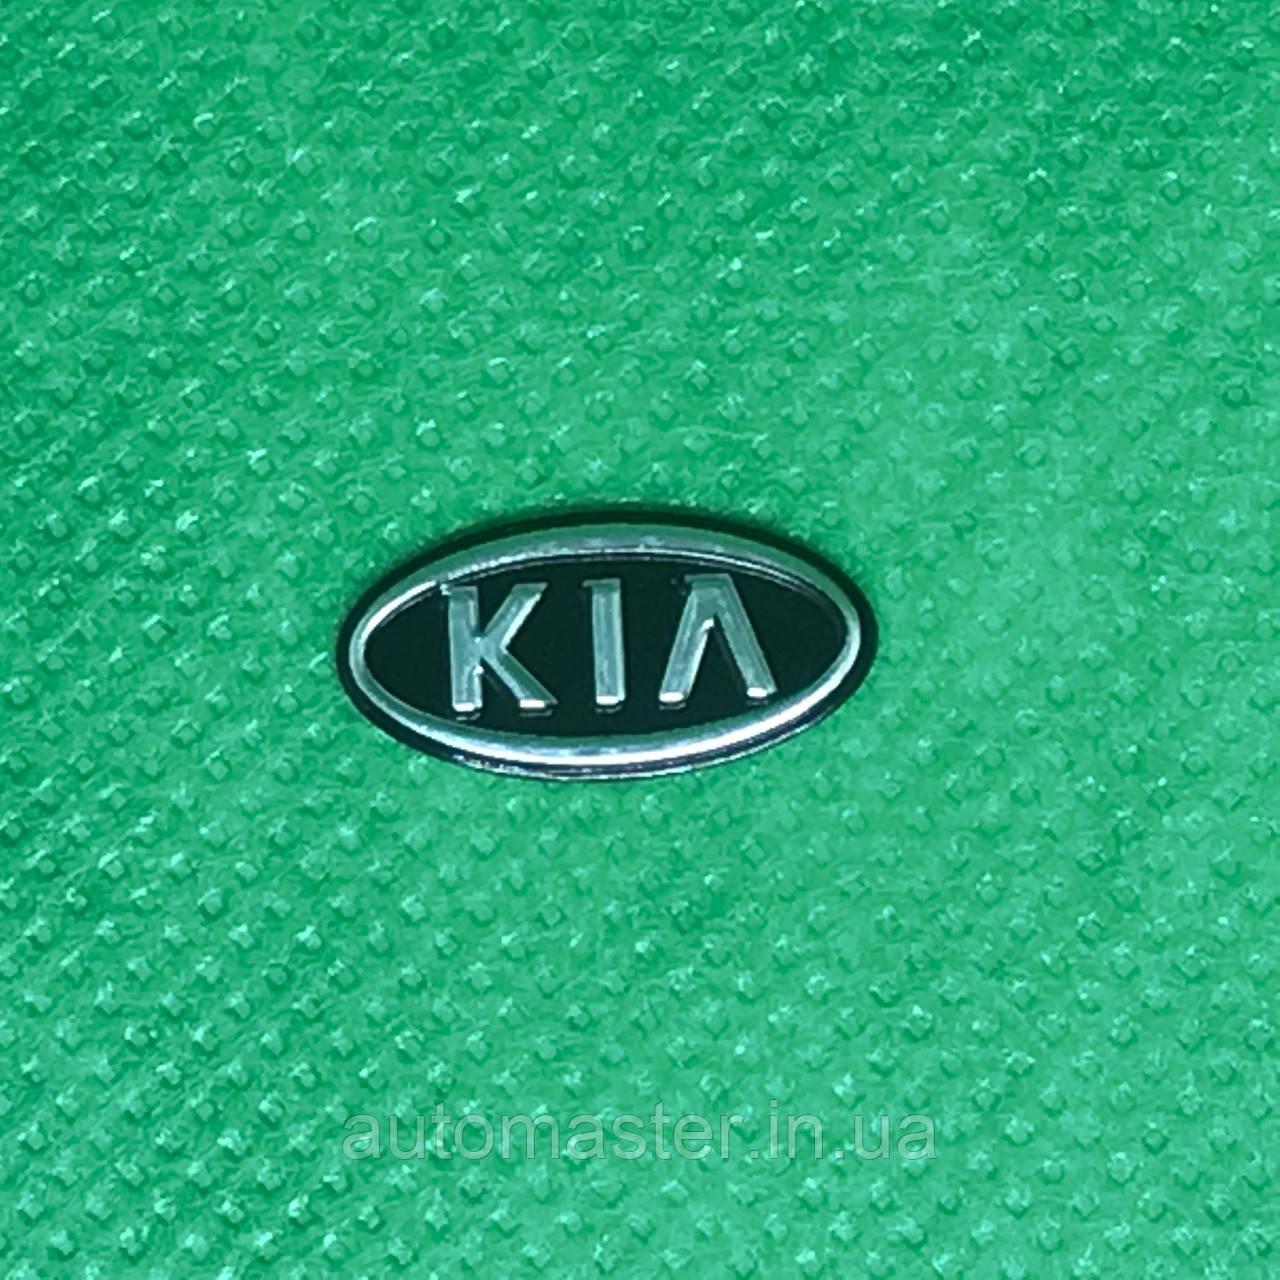 Логотип для авто ключа KIA КИА